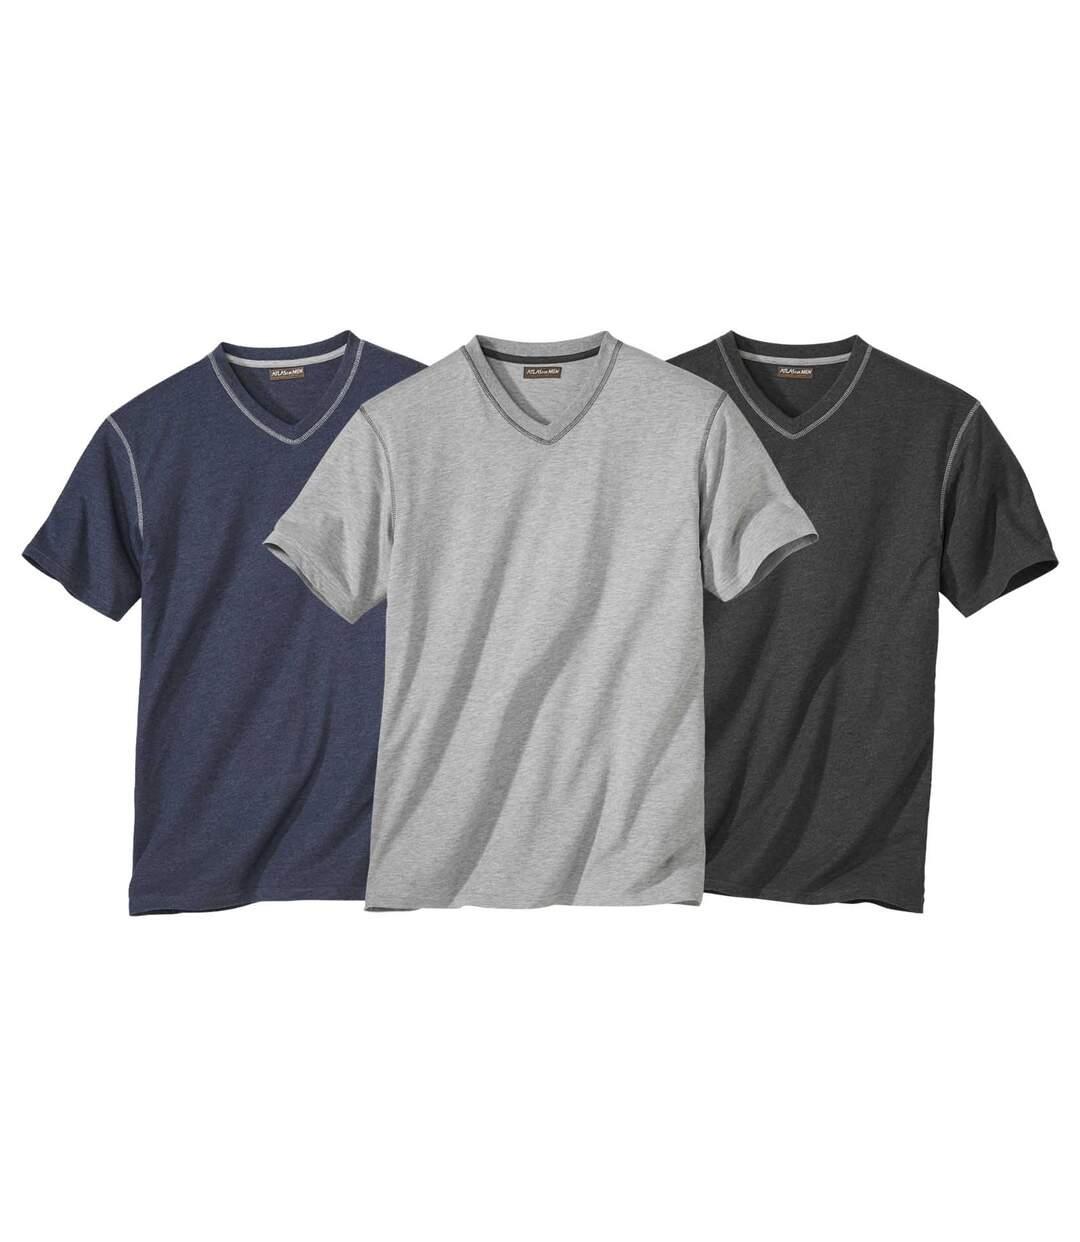 Sada 3 triček s výstřihem do V